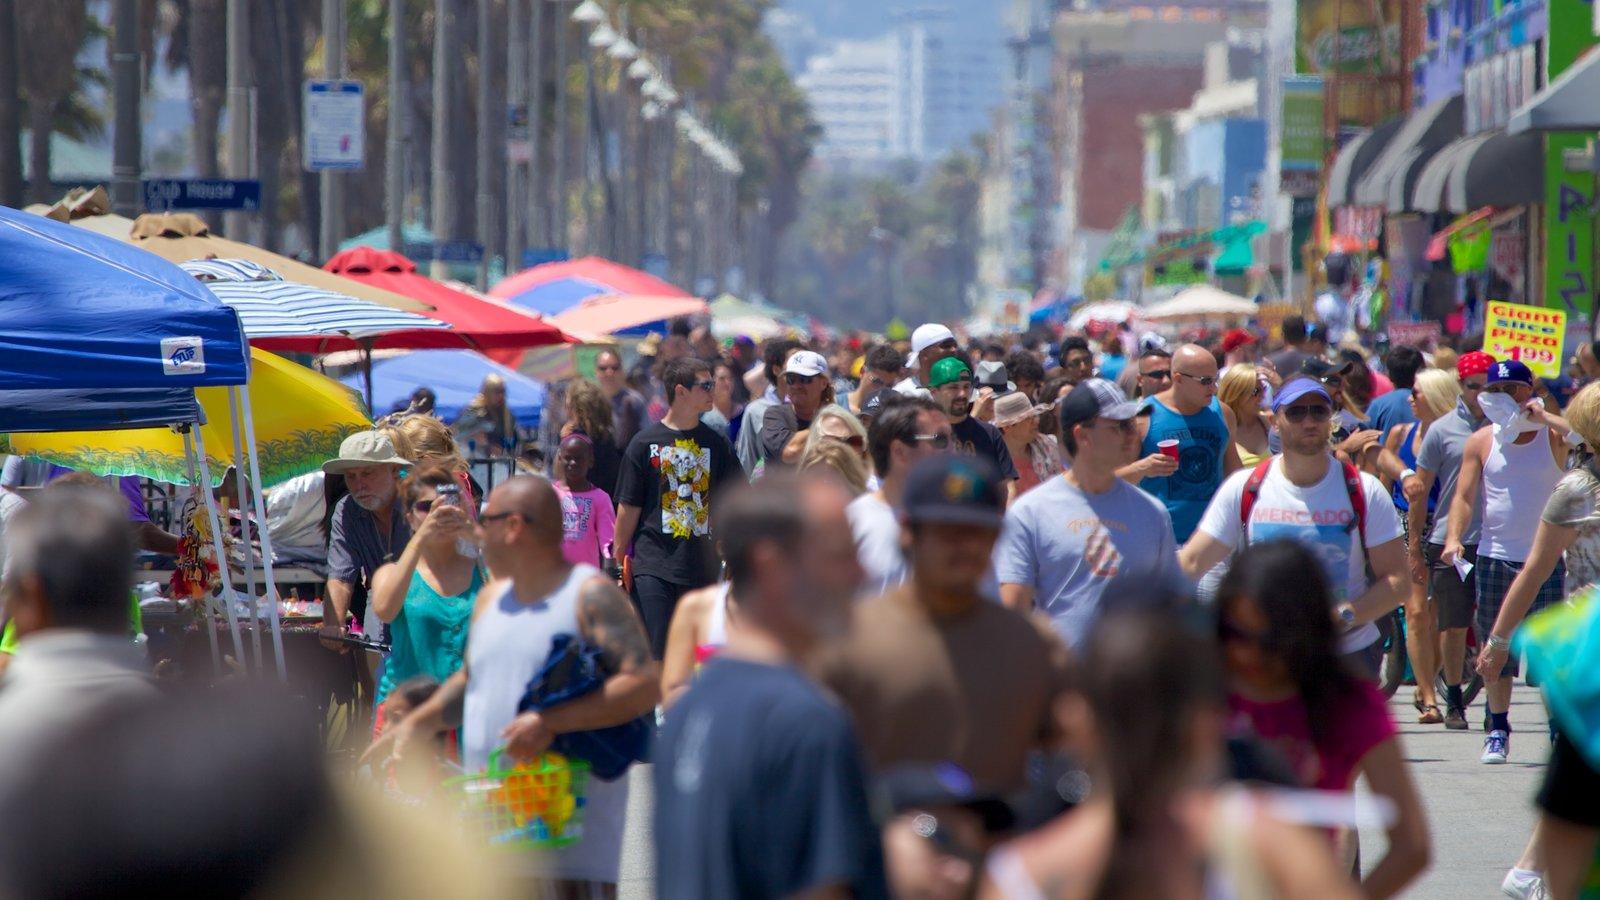 Venice Beach caracterizando cenas de rua e uma cidade assim como um grande grupo de pessoas